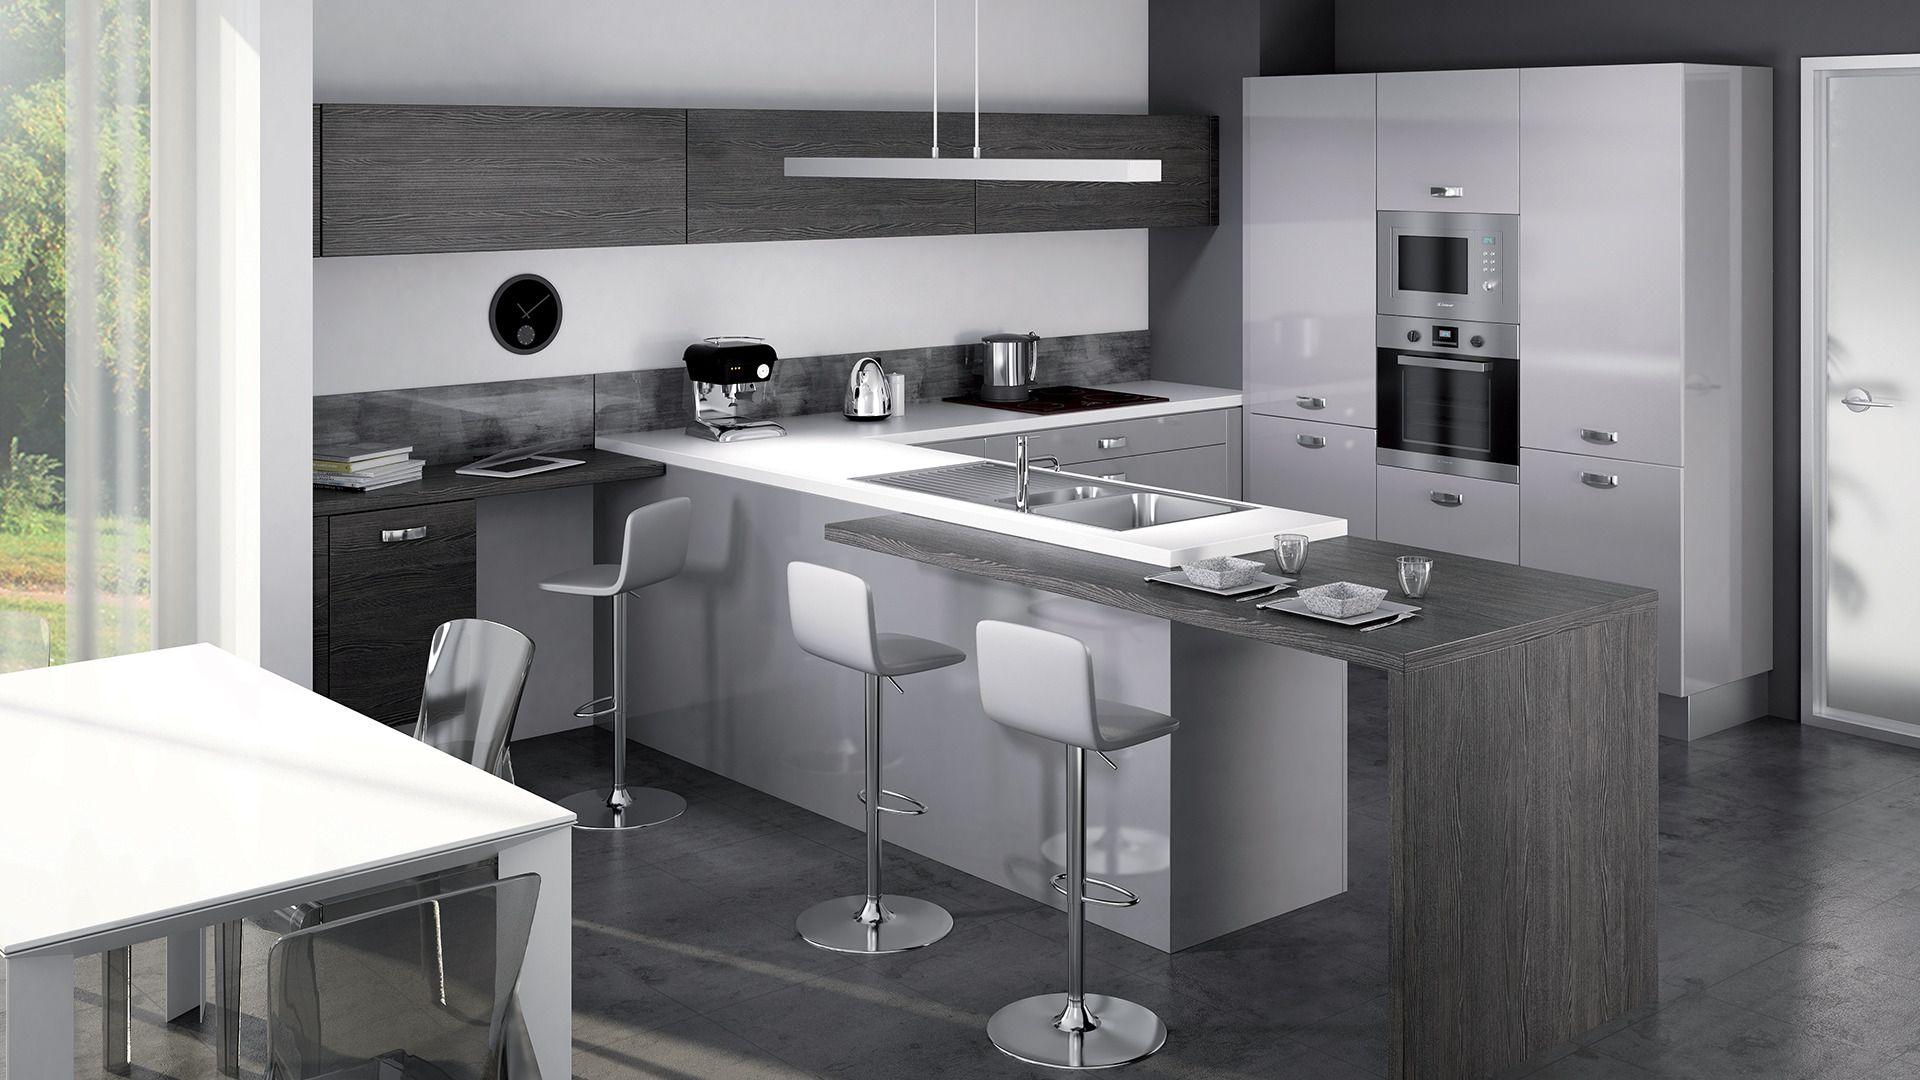 Cuisine quip e light style design disponible en 5 for Cuisinella light